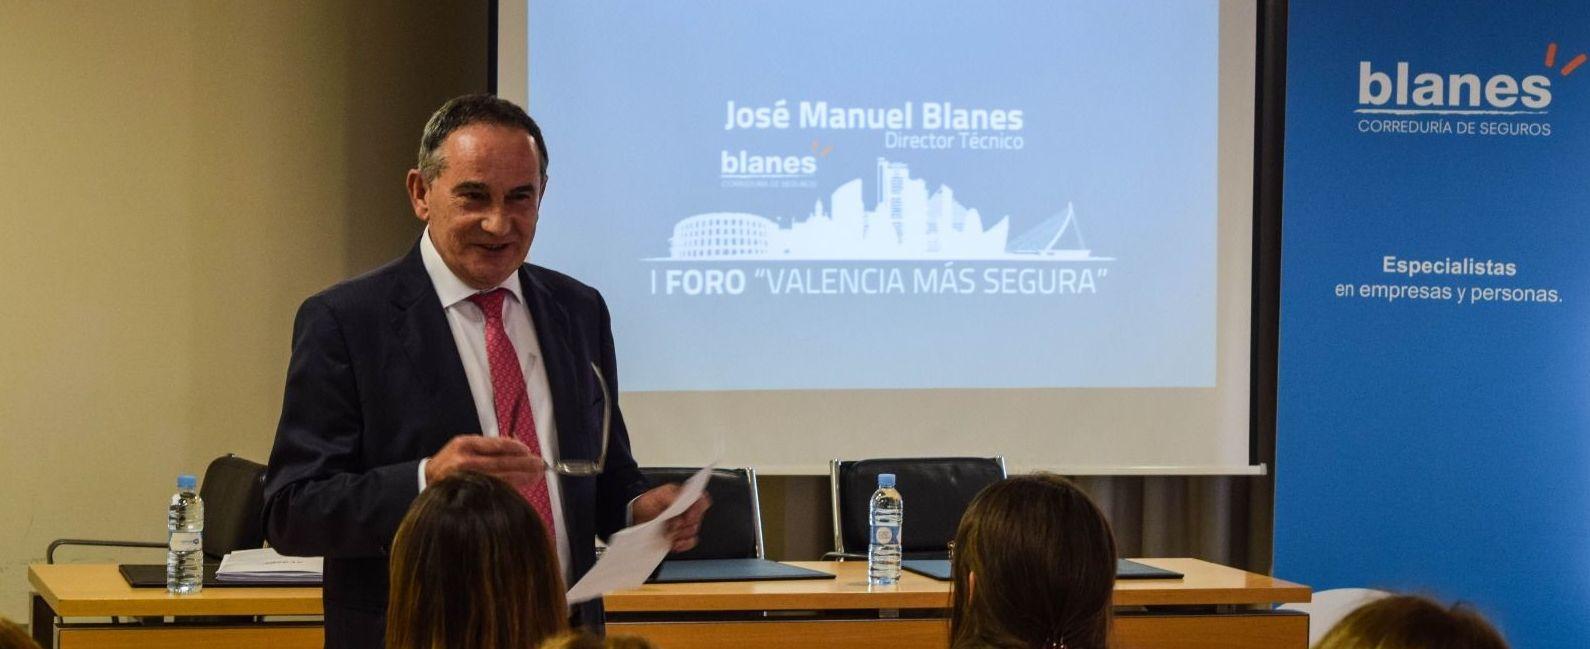 """Jose Manuel Blanes Beltrán en el Foro """" Valencia más segura"""" 24 de Mayo de 2018"""